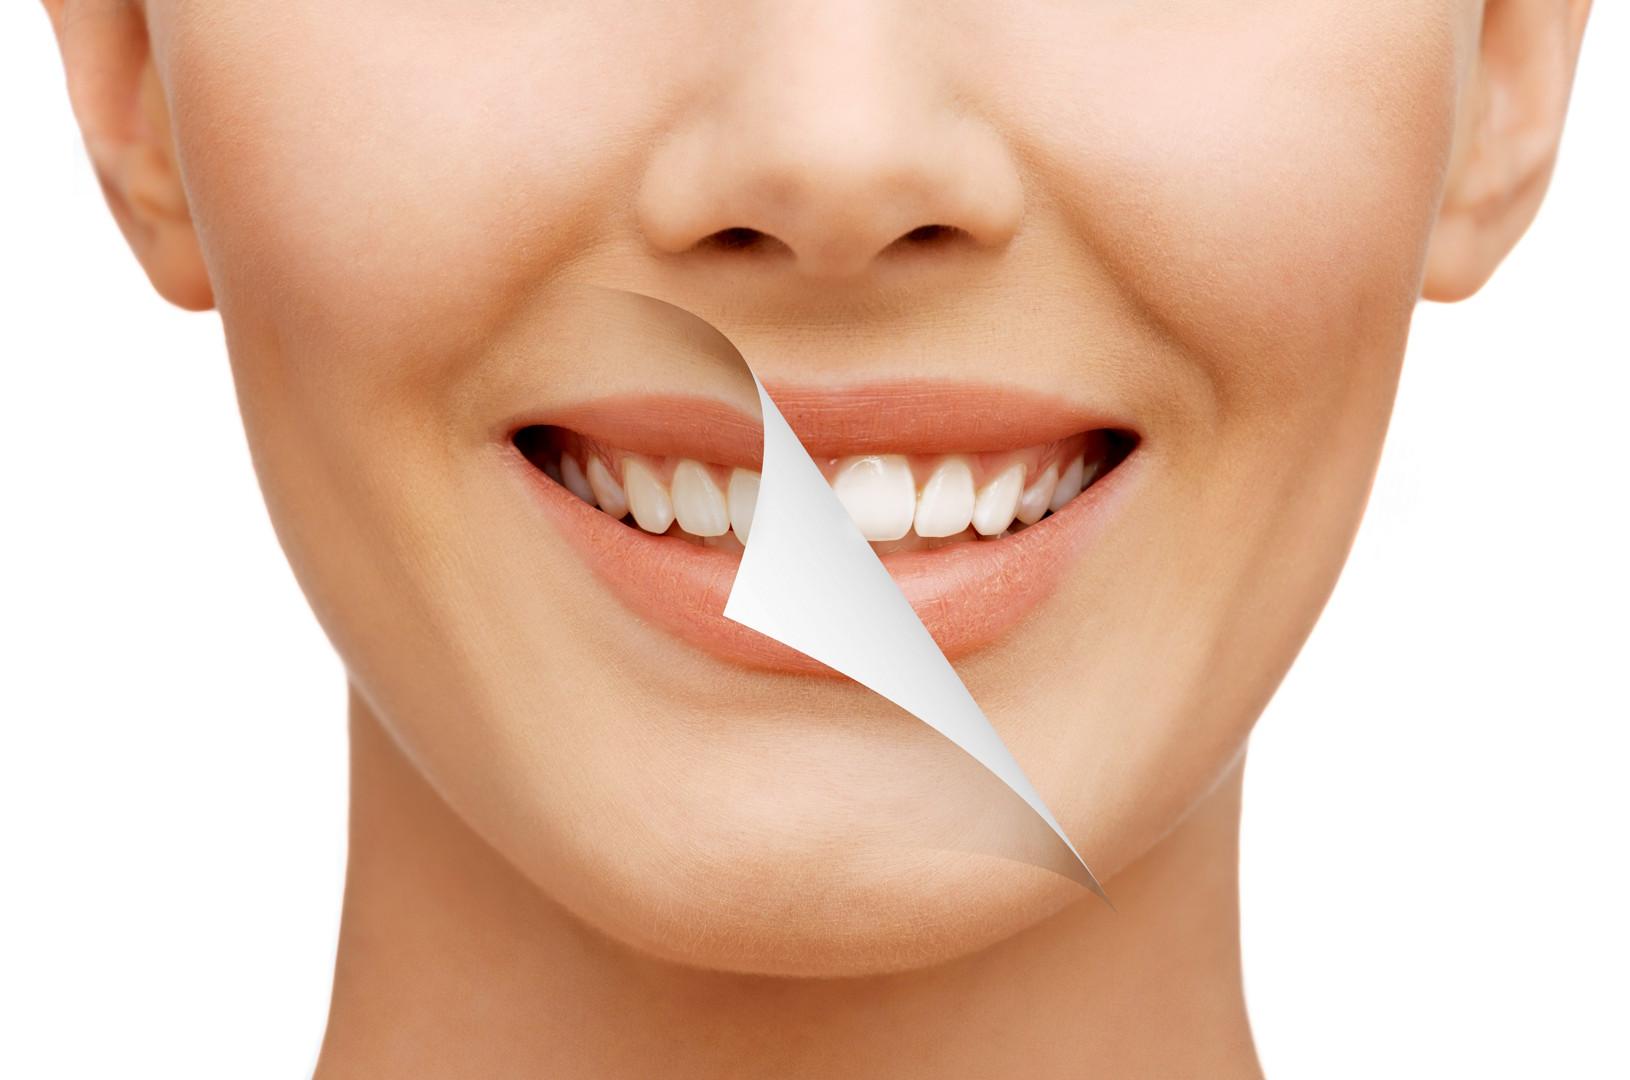 Jak jinak na zubní plak? Efektivně silou iontů.